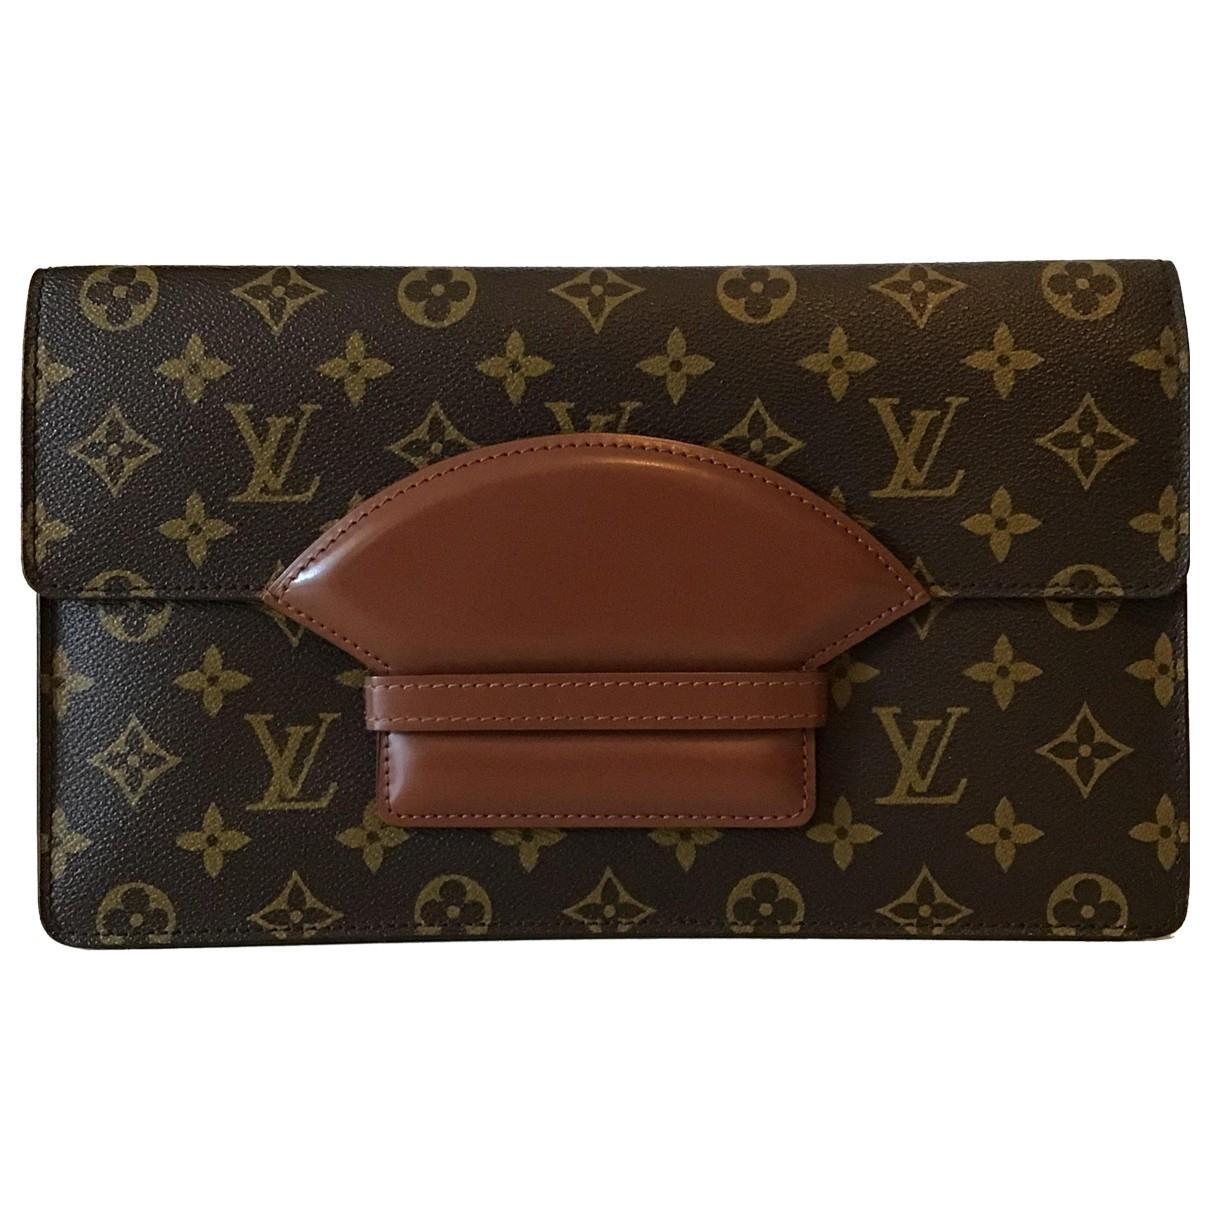 Louis Vuitton \N Cloth Clutch bag for Women \N